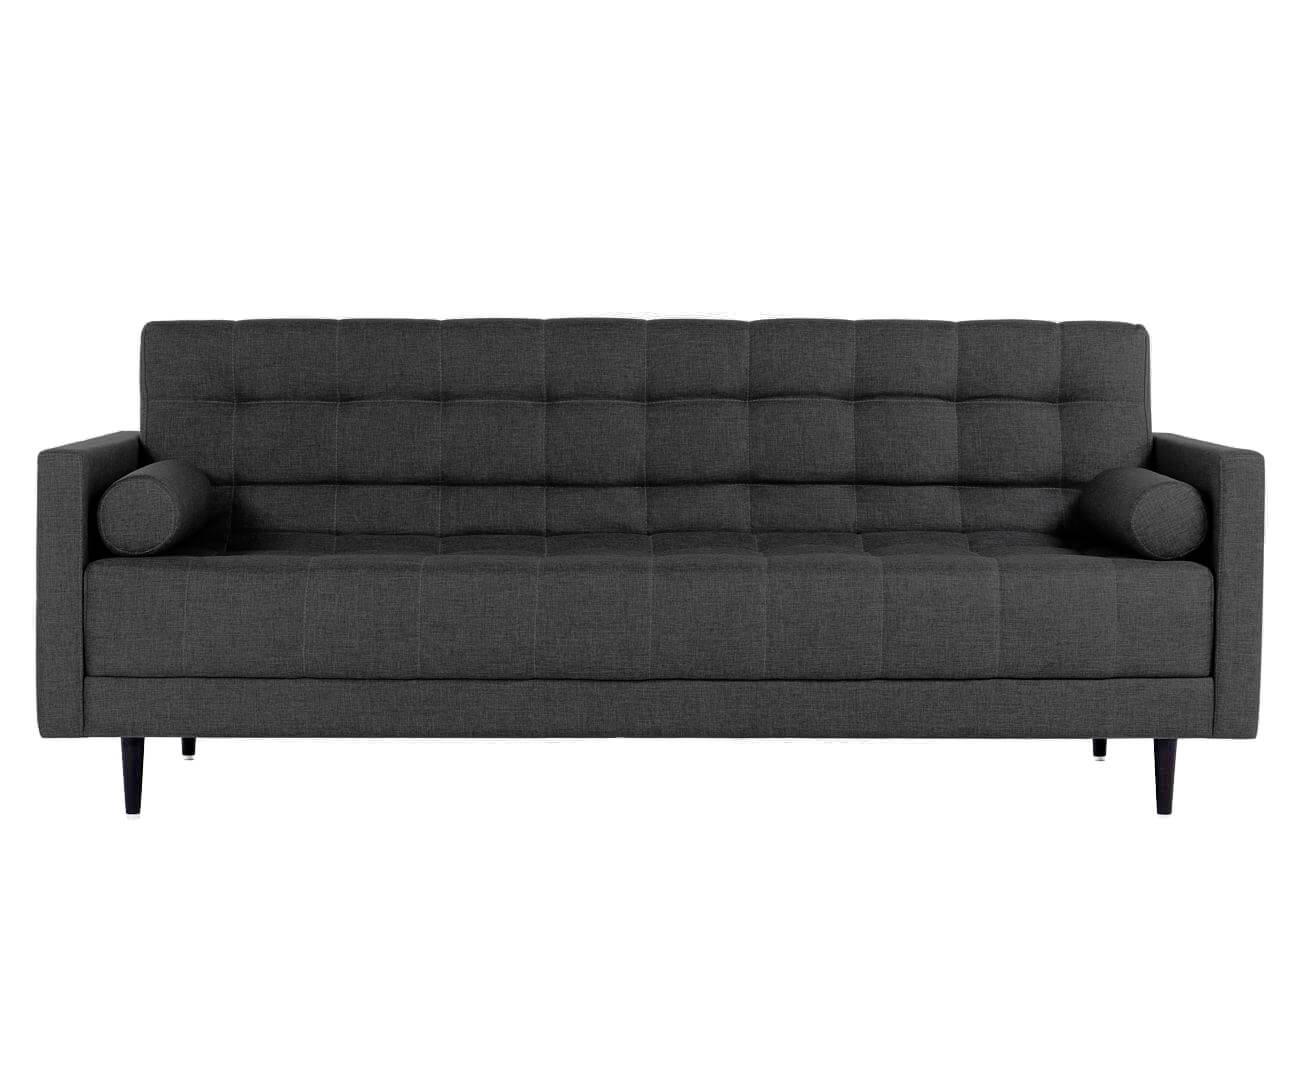 sofá-cama must 0903